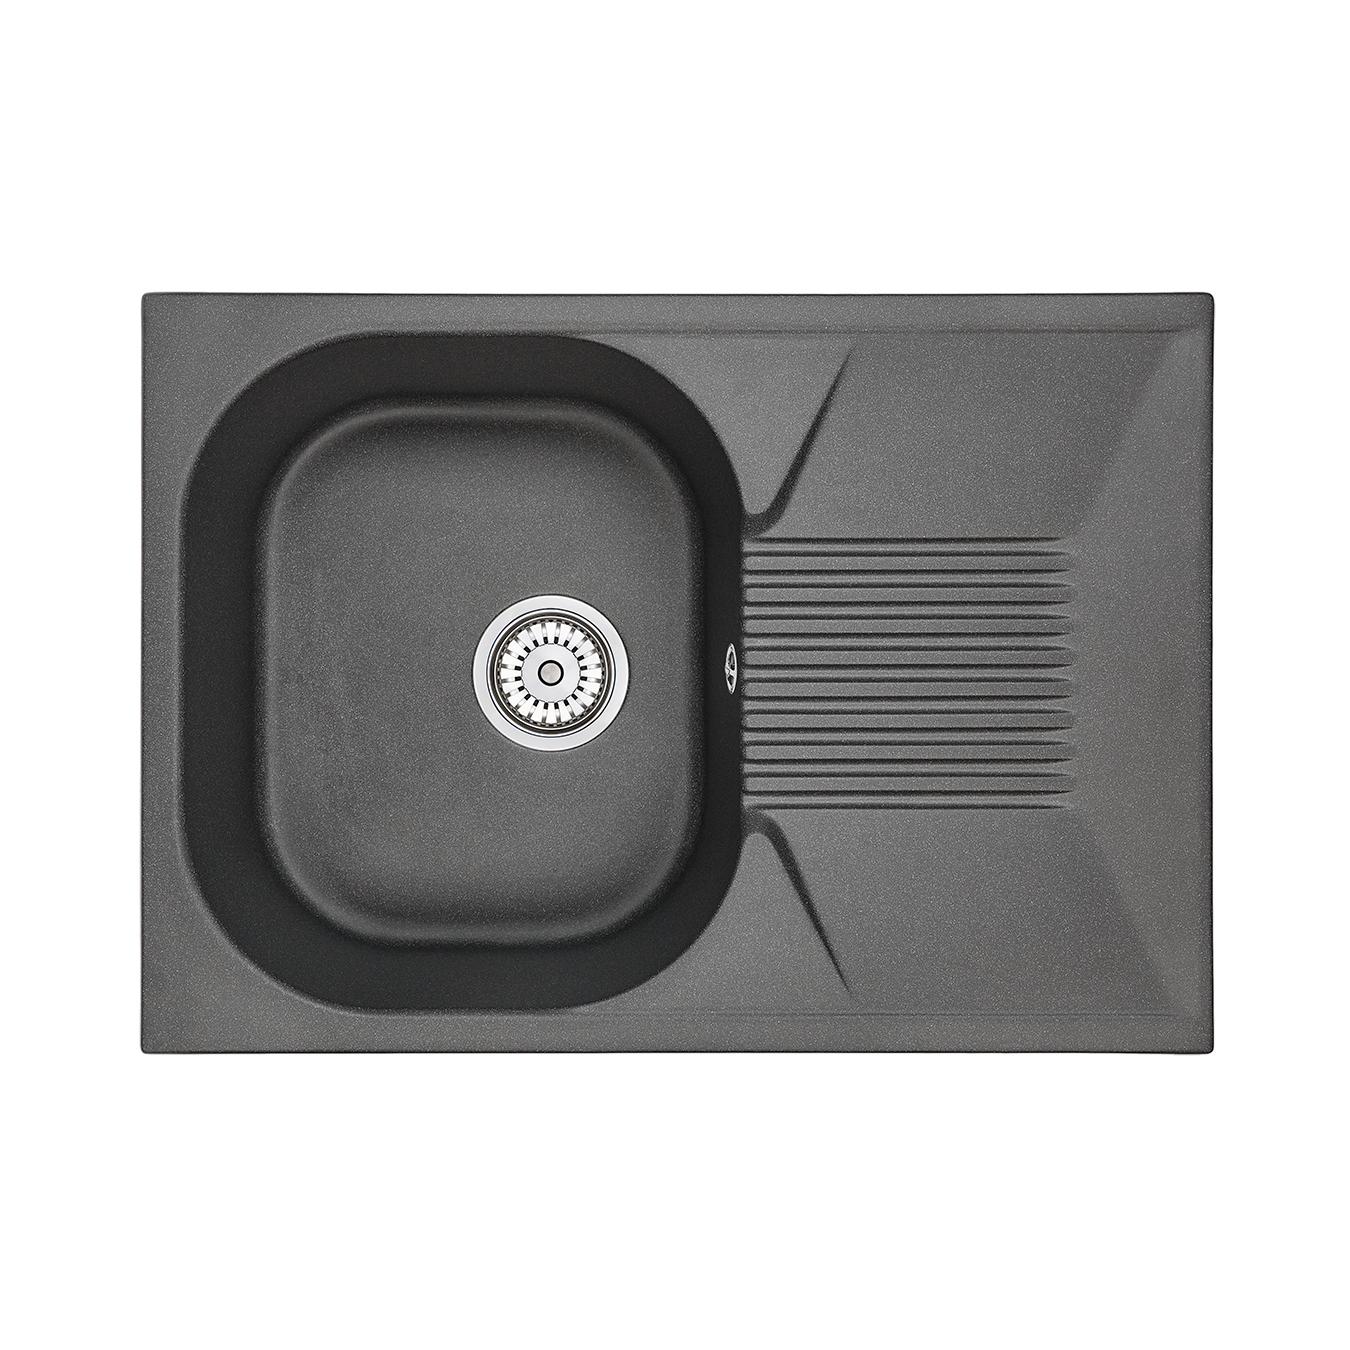 Кухонная мойка Granula GR-7002 690х490 шварц кухонная мойка teka centroval mic